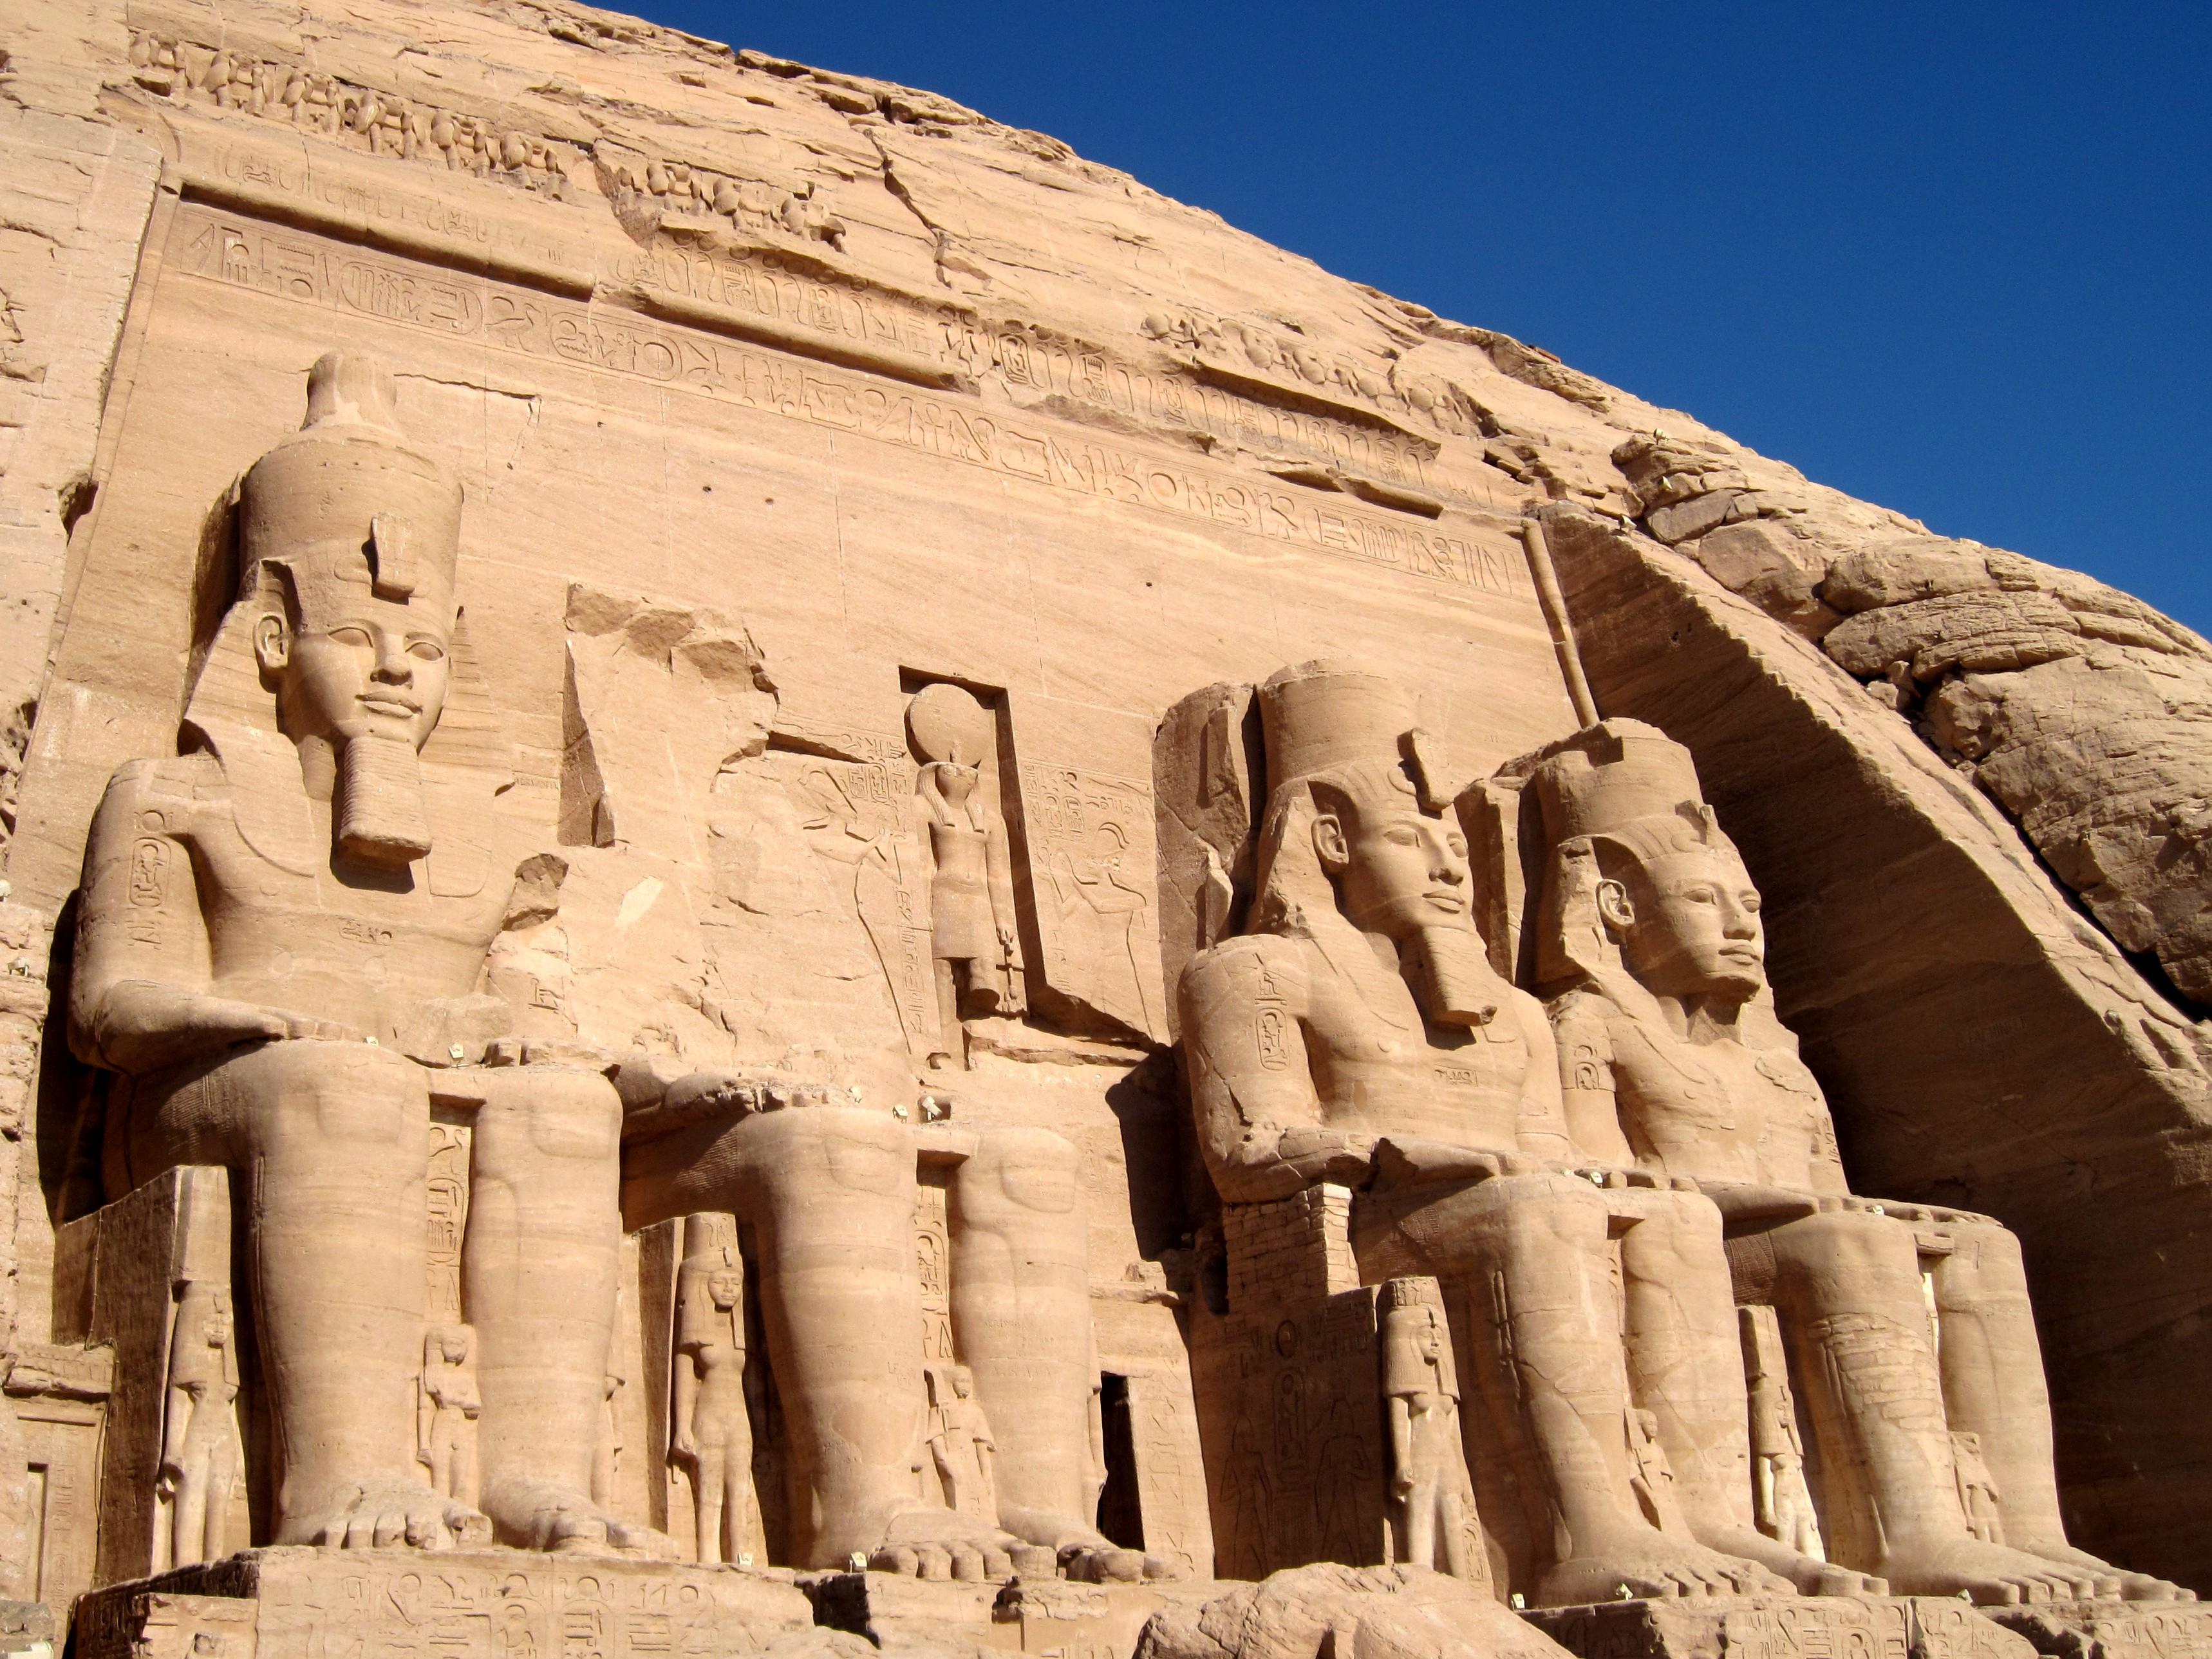 File:Großer Tempel (Abu Simbel) 06.jpg - Wikimedia Commons